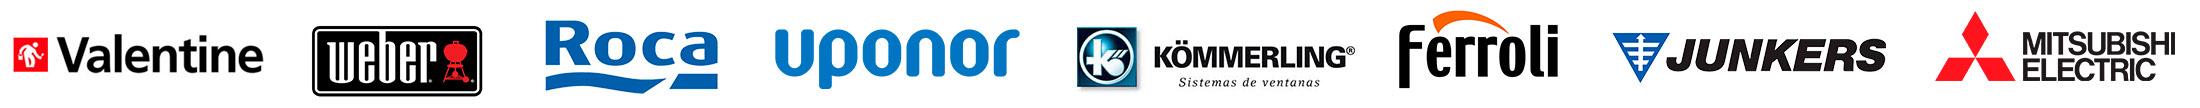 TST Reformas Integrales trabaja con las principales marcas: Valentine, Weber, Roca, Iponor, Kommerling, Ferroli, Junkers, Mitsubishi Electric...